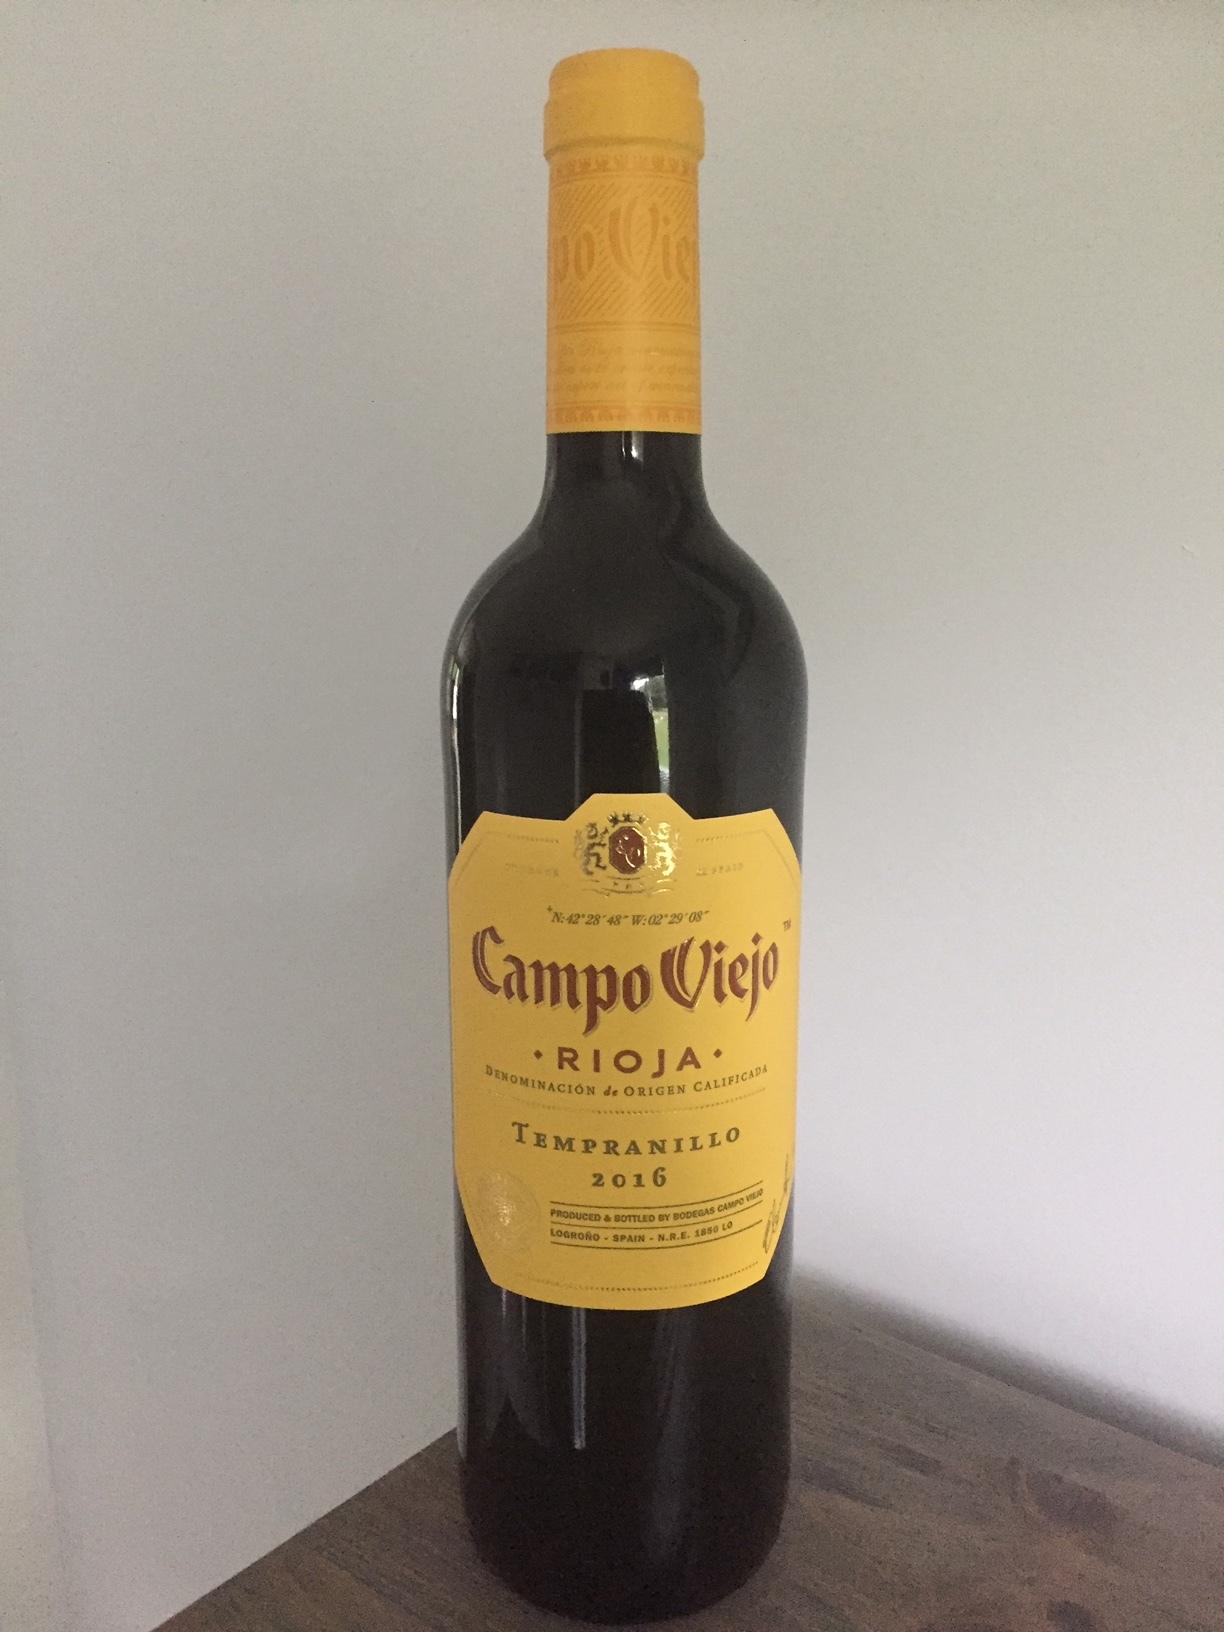 Episode 26: Campo Viejo, Spanish Tempranillo Rioja